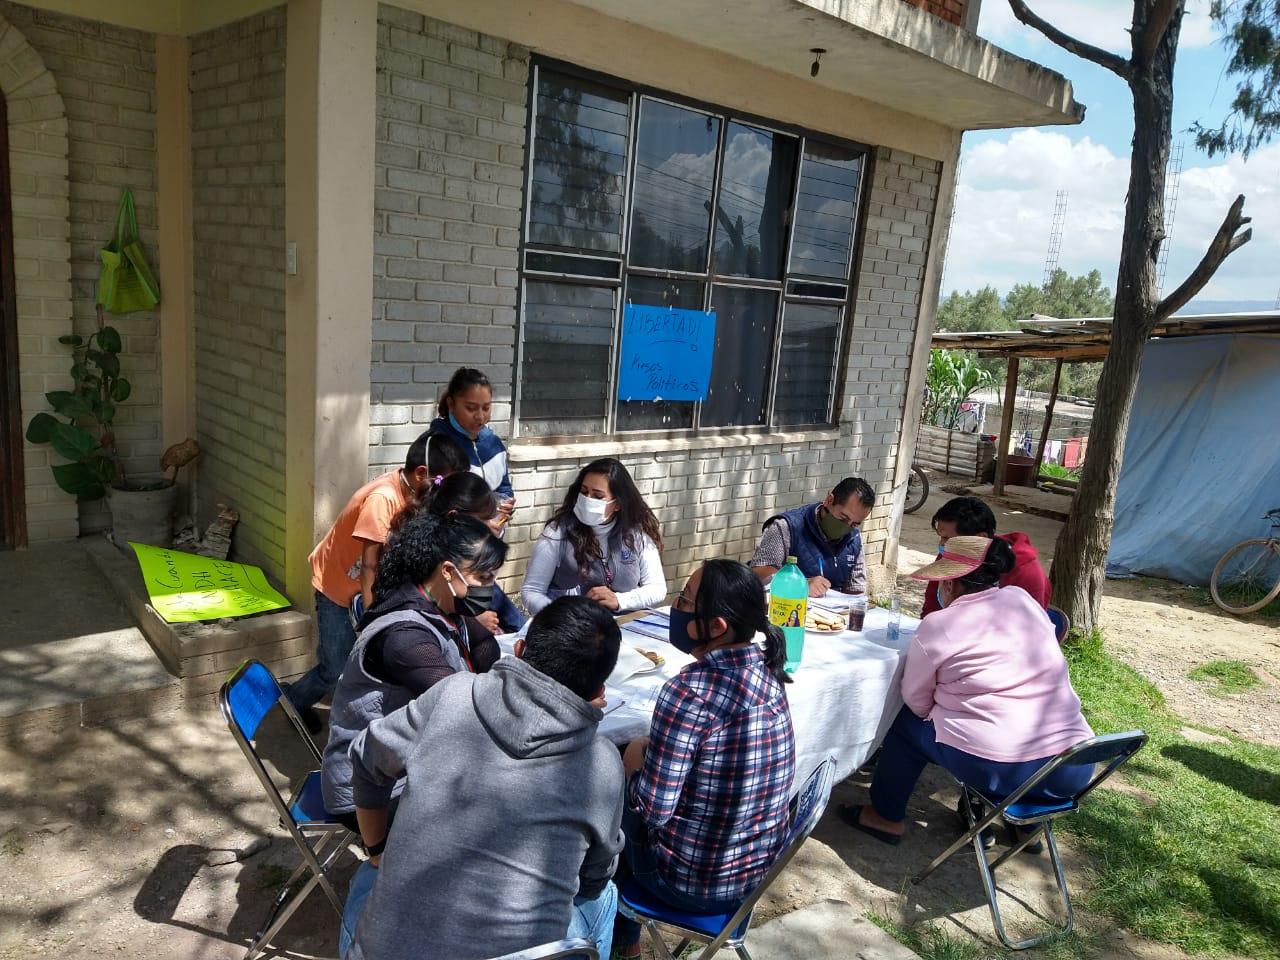 ACUDE OMBUDSMÓVIL AL MUNICIPIO DE AMOZOC PARARECABAR QUEJAS, ENTREVISTAS Y BRINDAR APOYO VICTIMOLÓGICOA LAS PERSONAS AGRAVIADAS EN LOS HECHOS RECIENTESDEL 23 DE JUNIO